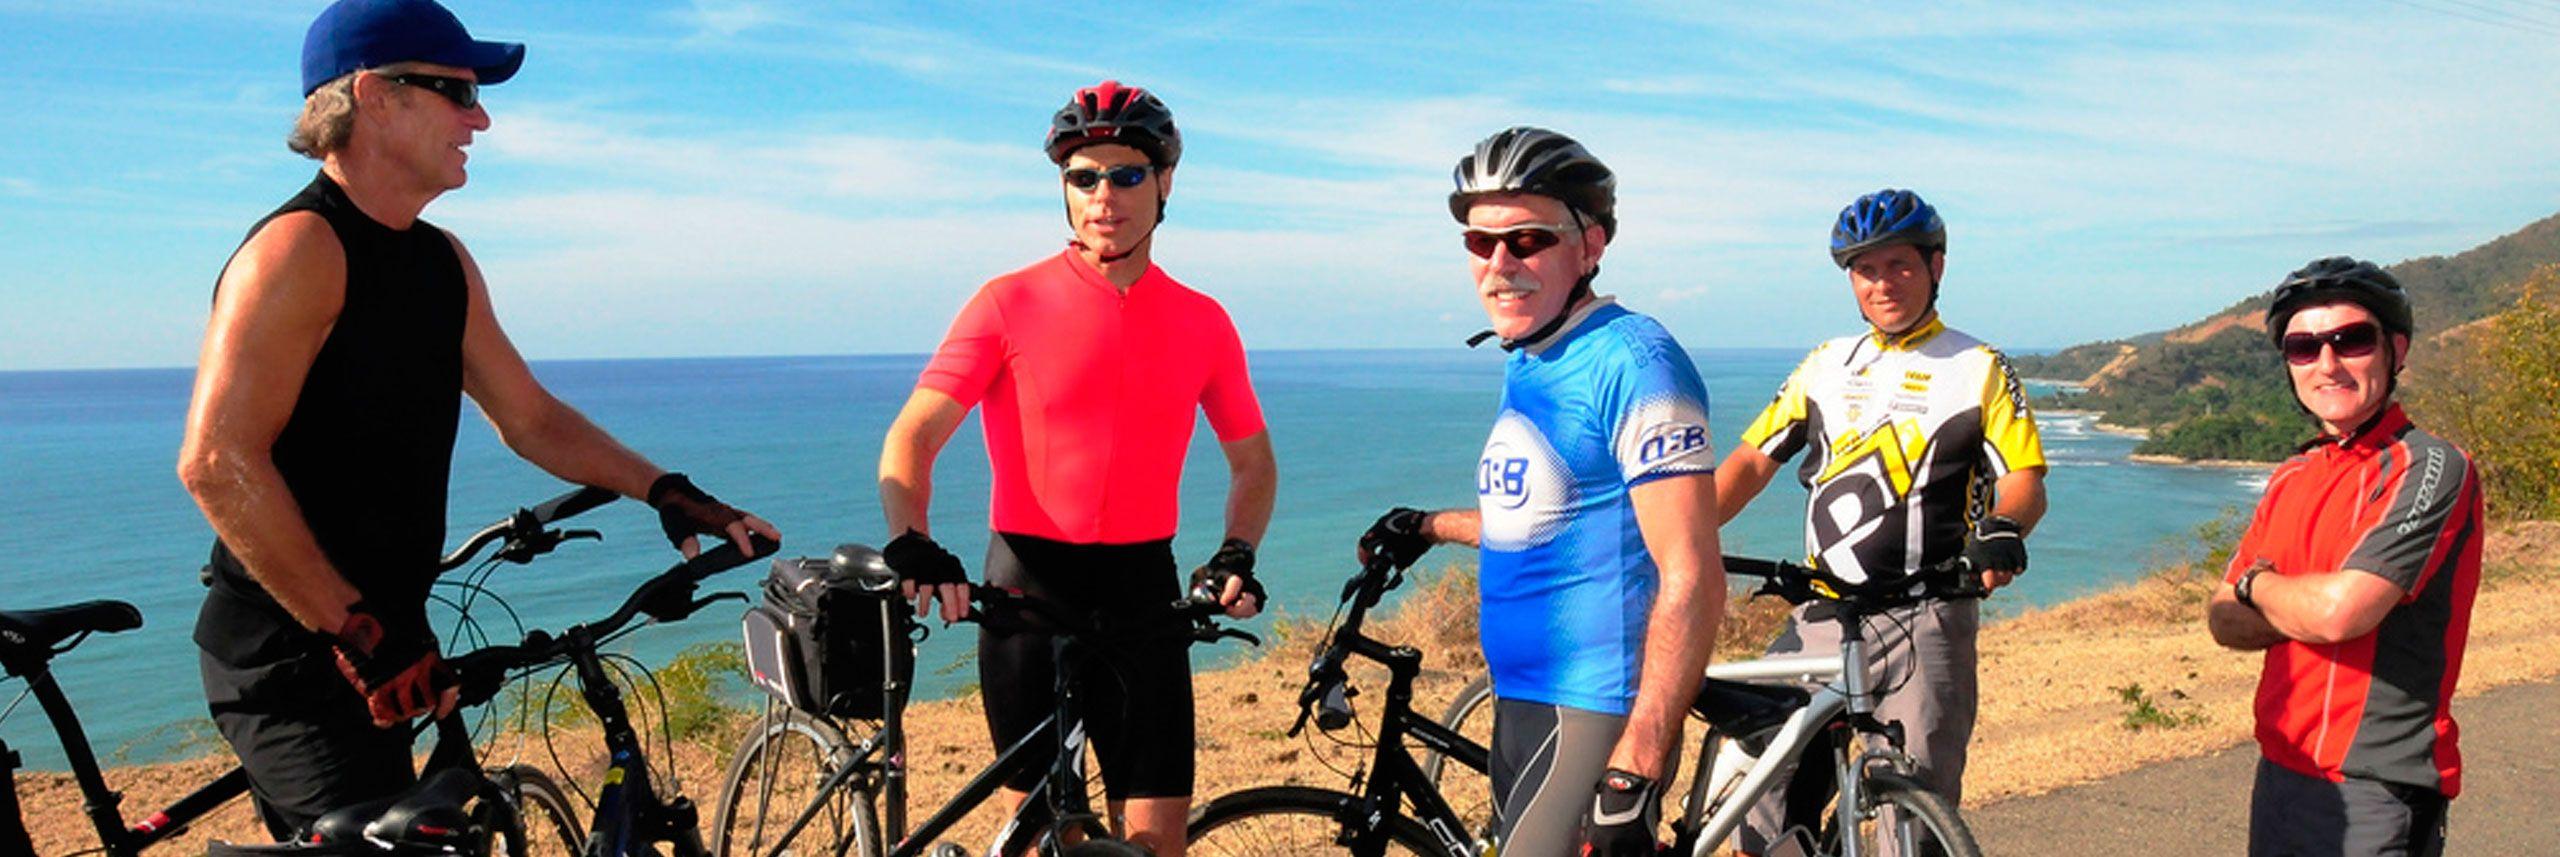 Cuba Bicycle Tours Wowcuba Turismo En Cuba Hospedaje Alquiler